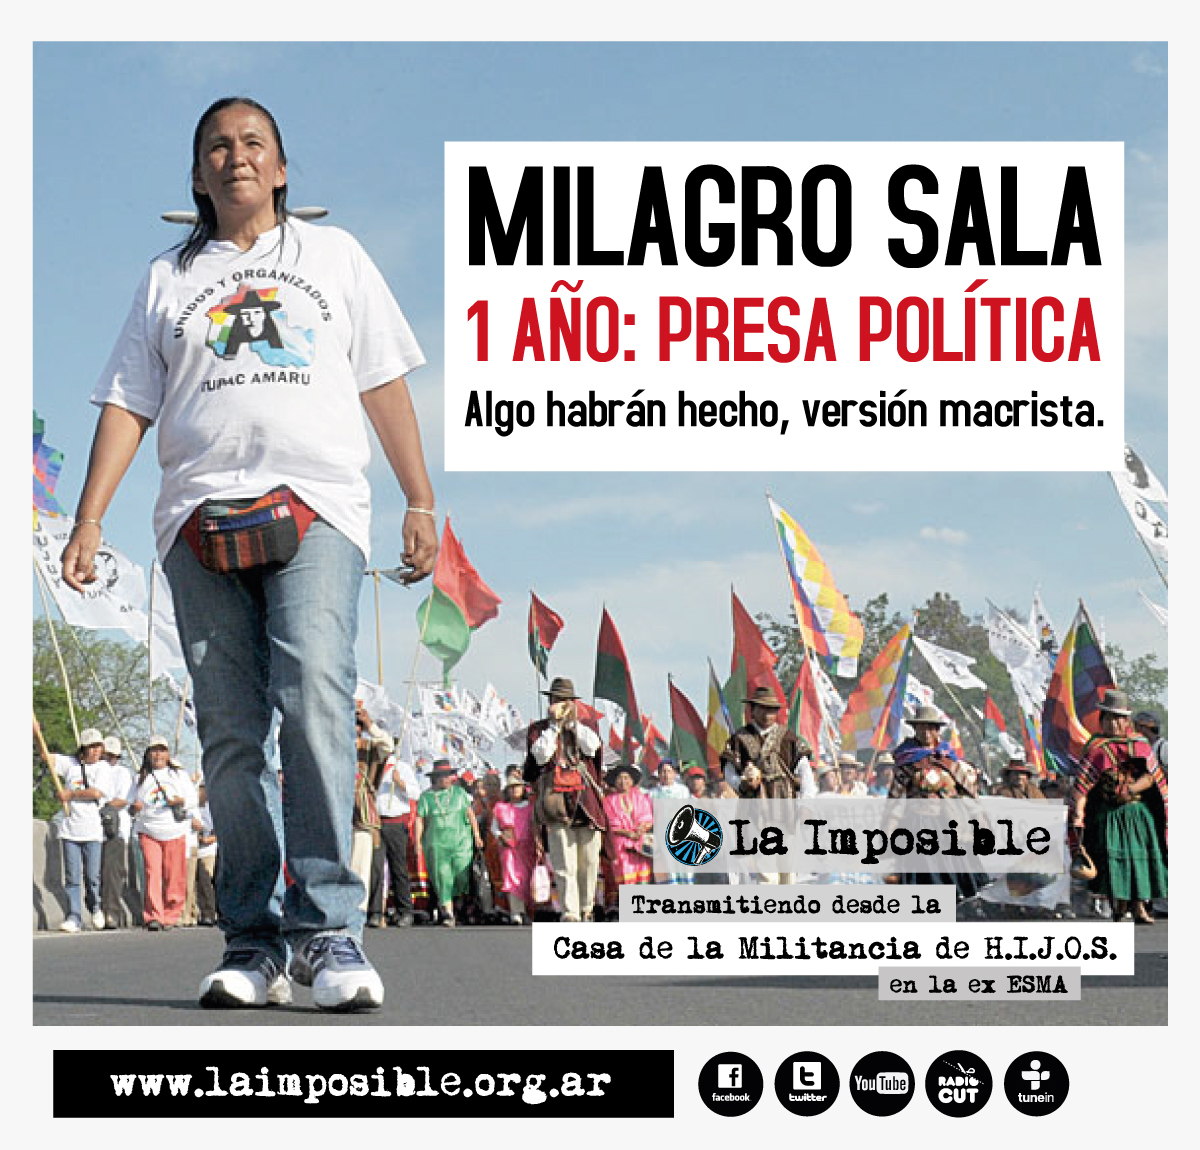 MILAGRO-SALA-1-AÑO - copia